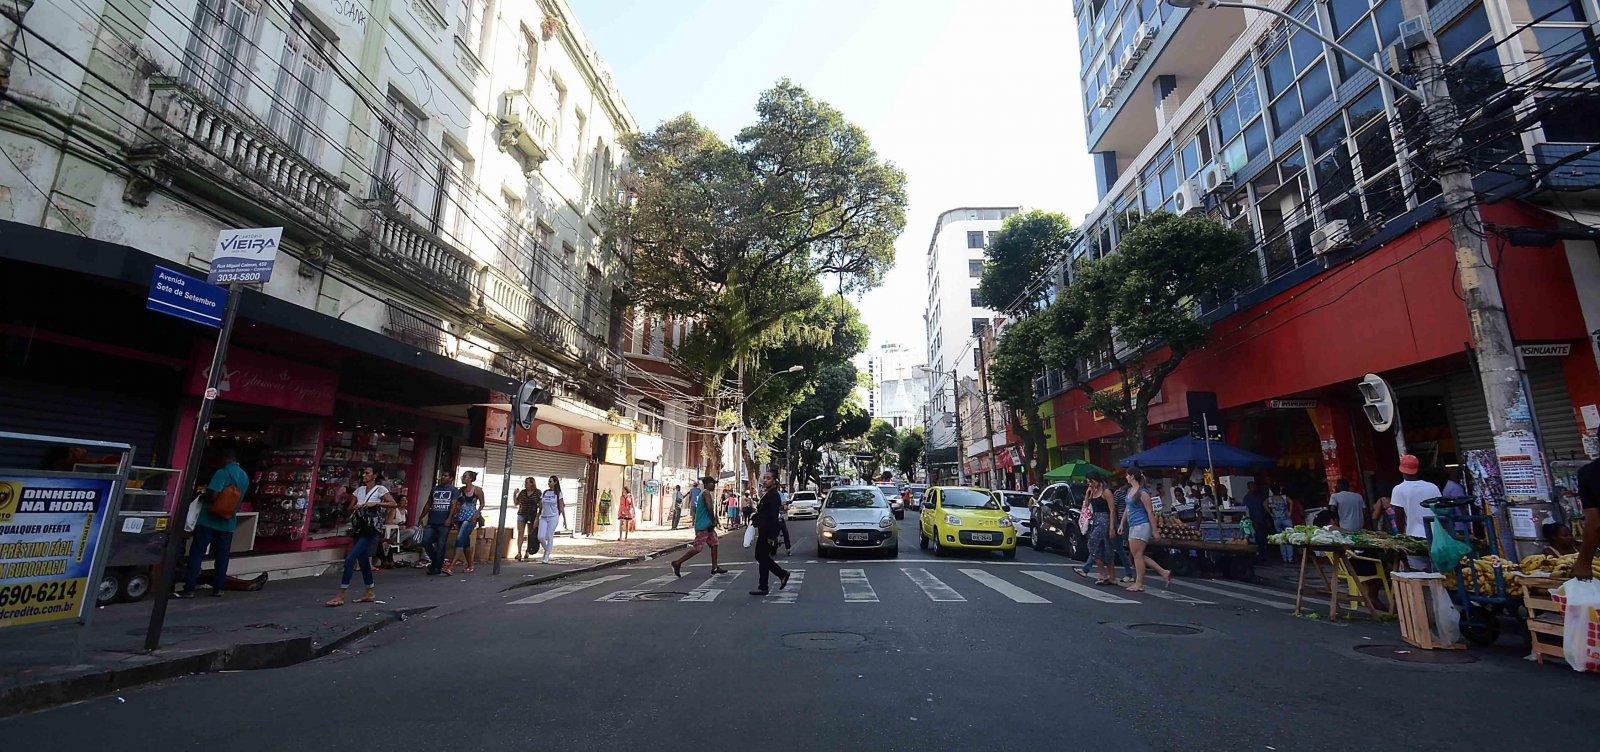 [Bahia tem maiores quedas no número de estabelecimentos comerciais e empregados no setor]